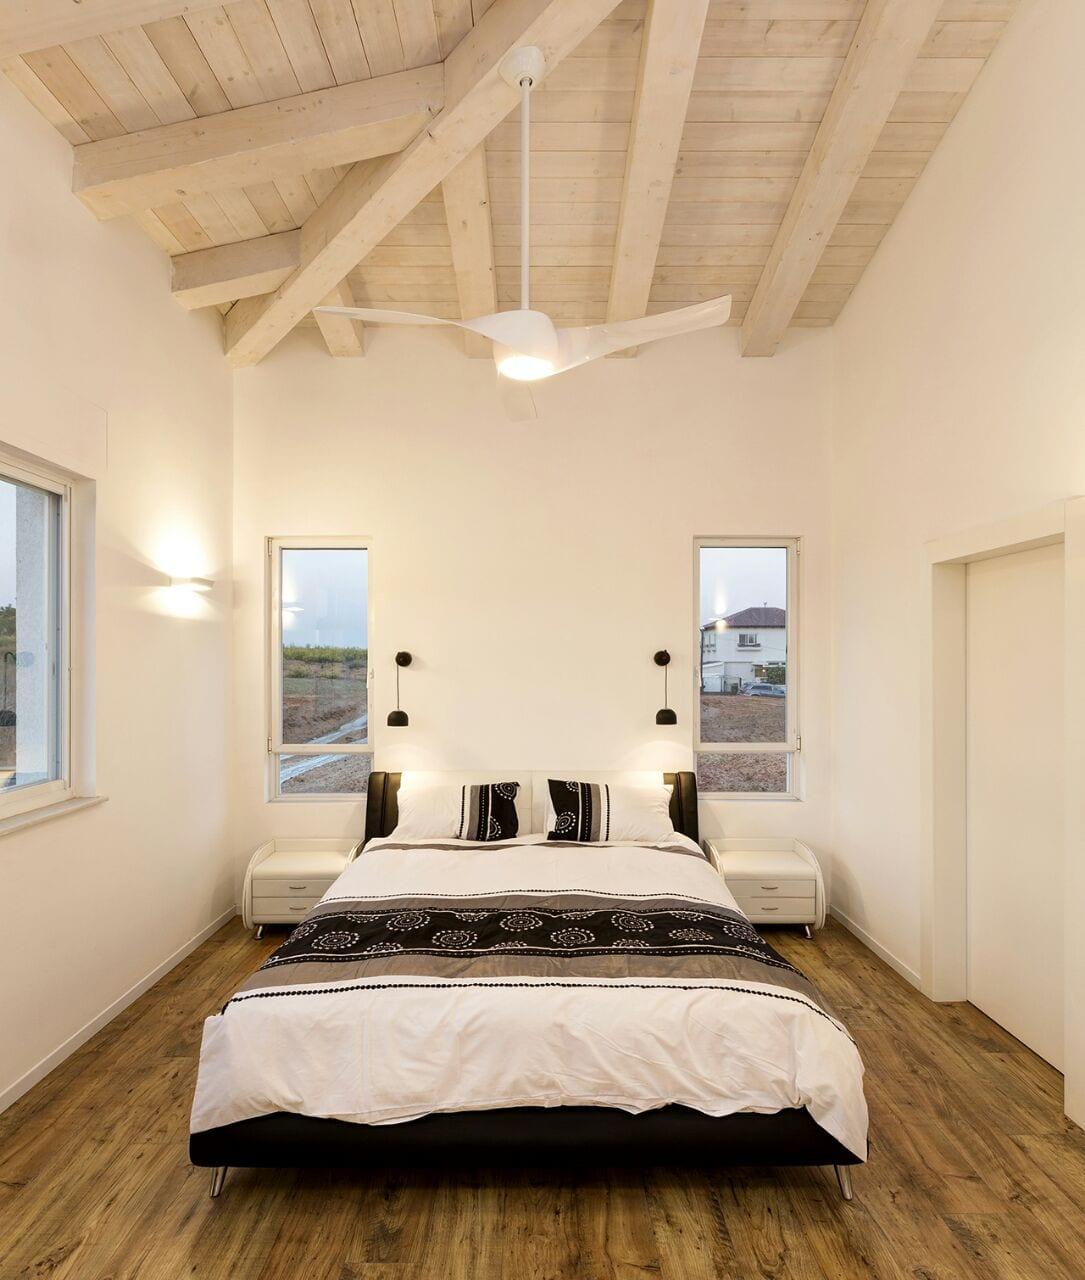 חדר שינה מעוצב עם רצפת פרקט ותקרת עץ לבנה - בית למכירה במושב קדימה